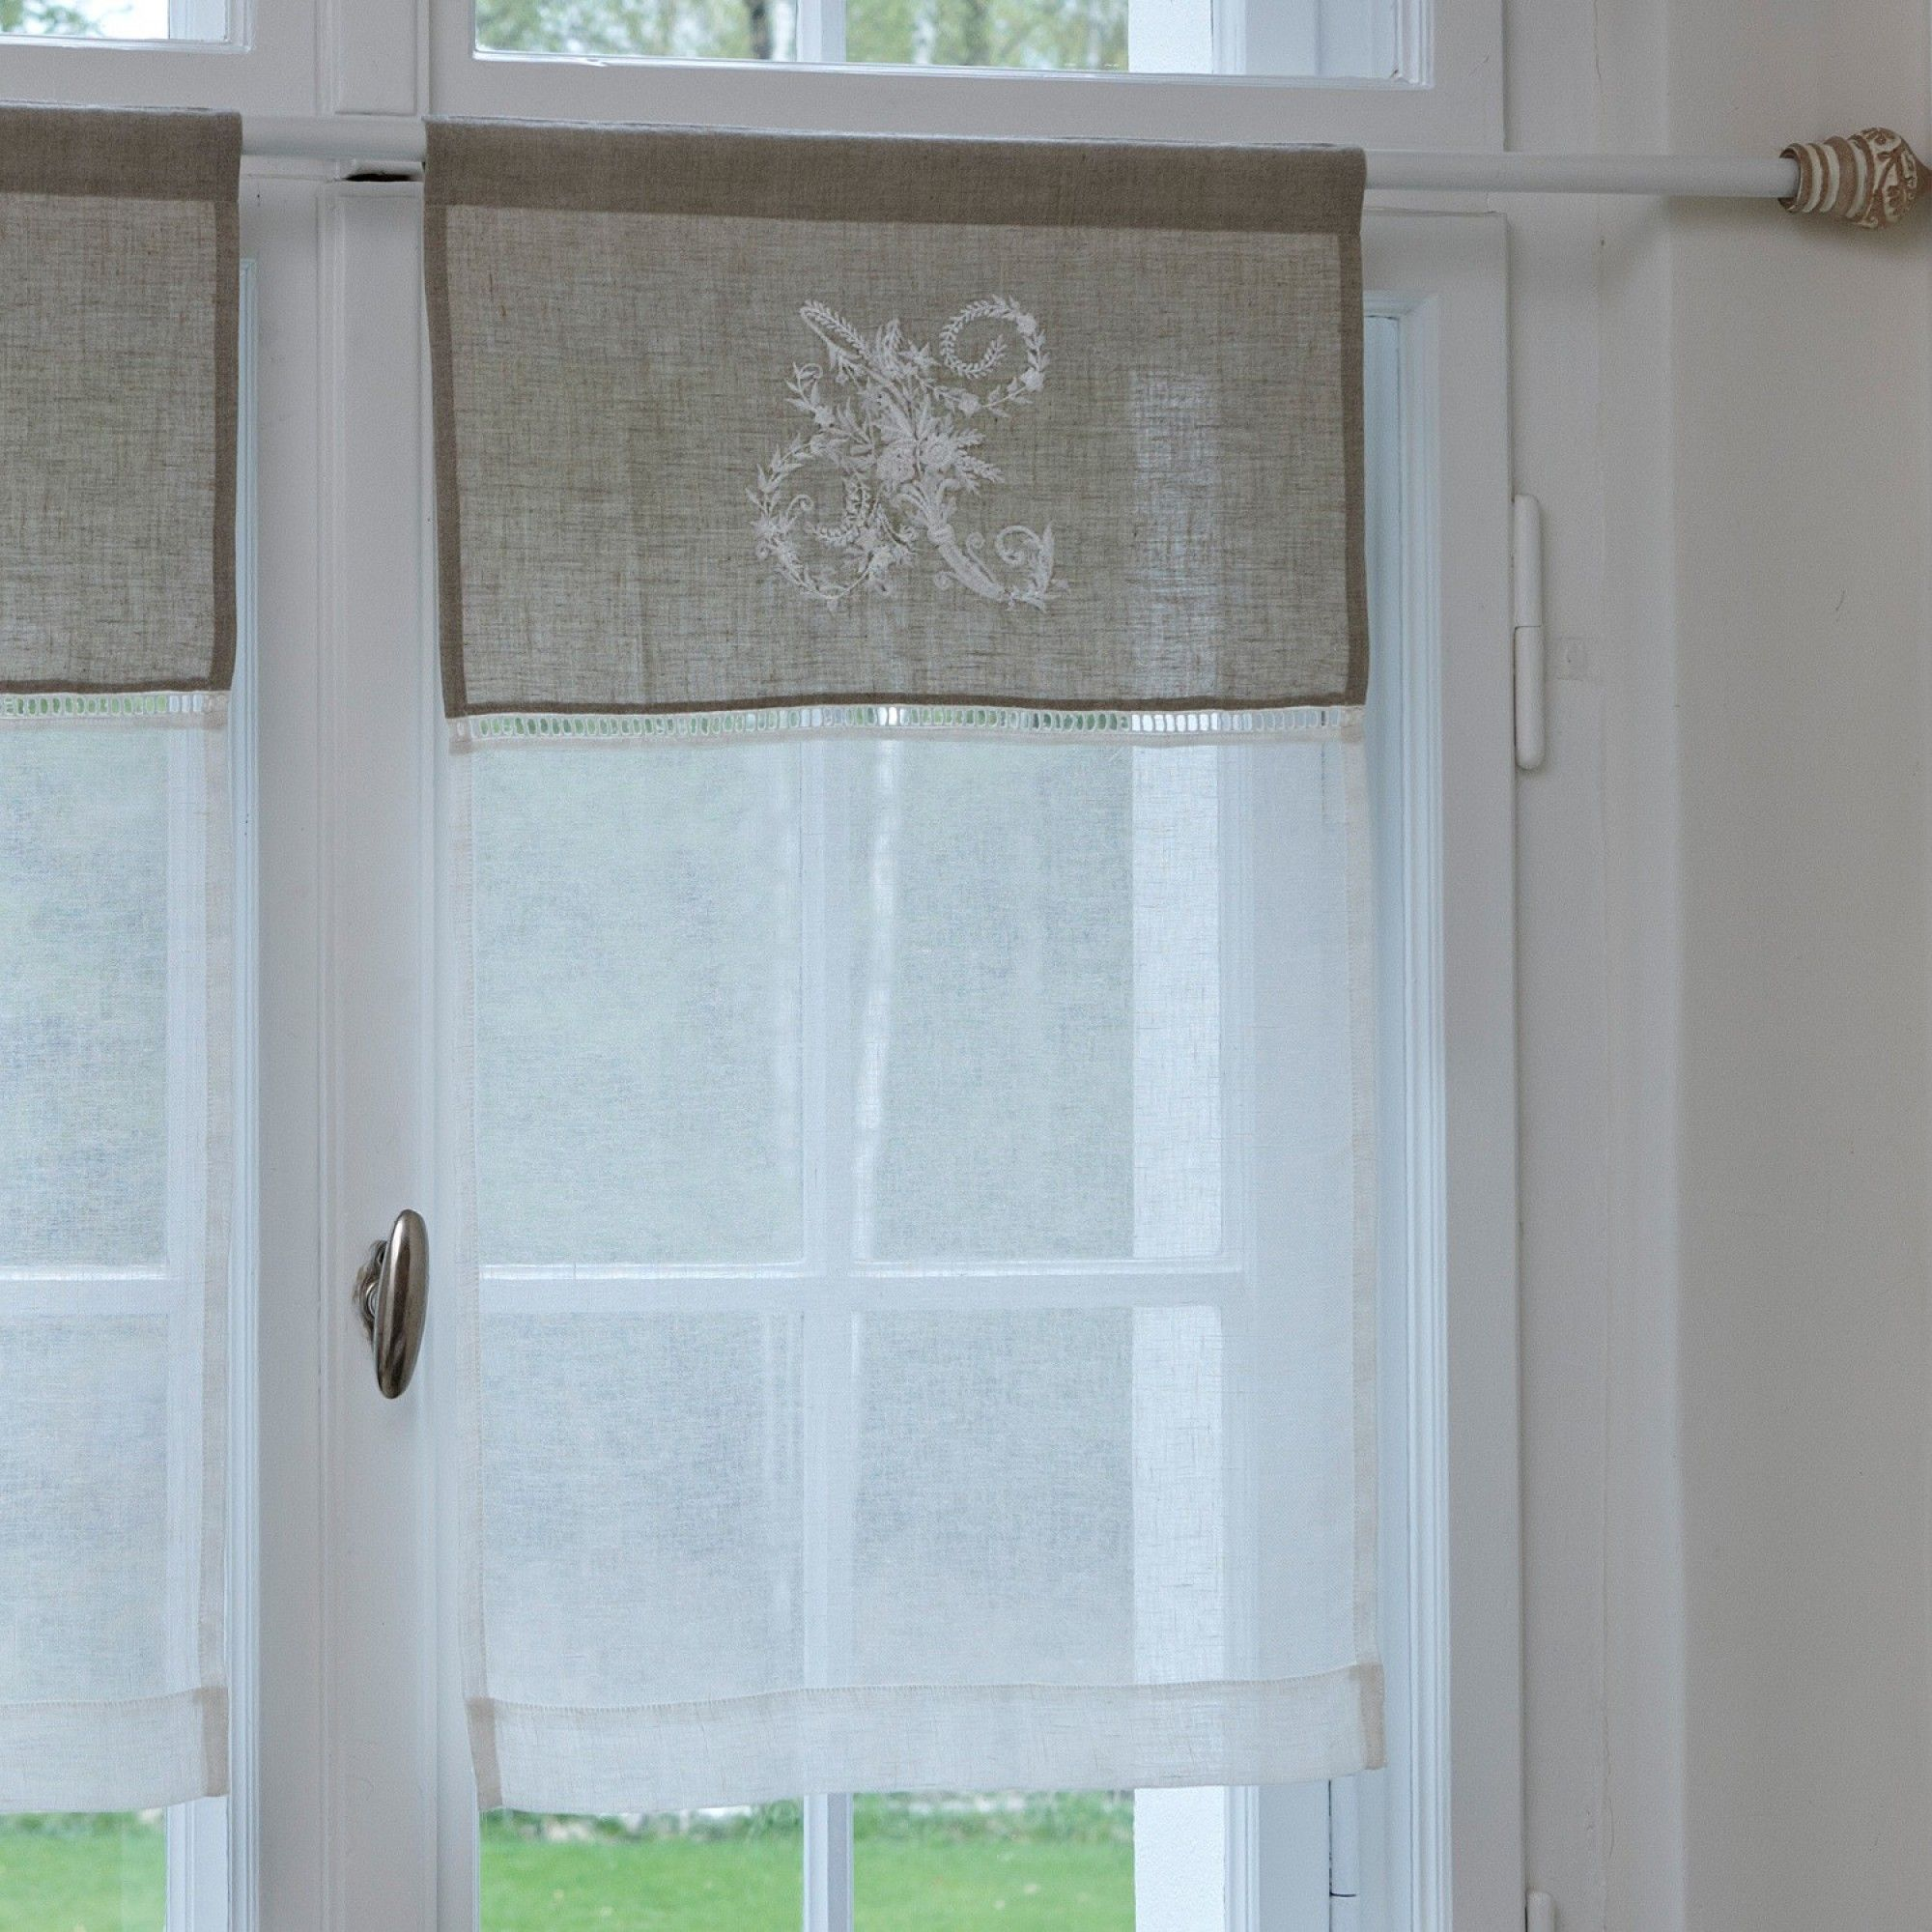 Full Size of Kurze Gardinen Fr Kchenfenster Fensterdekoration Mit Vorhngen Schlafzimmer Für Wohnzimmer Scheibengardinen Küche Die Fenster Wohnzimmer Kurze Gardinen